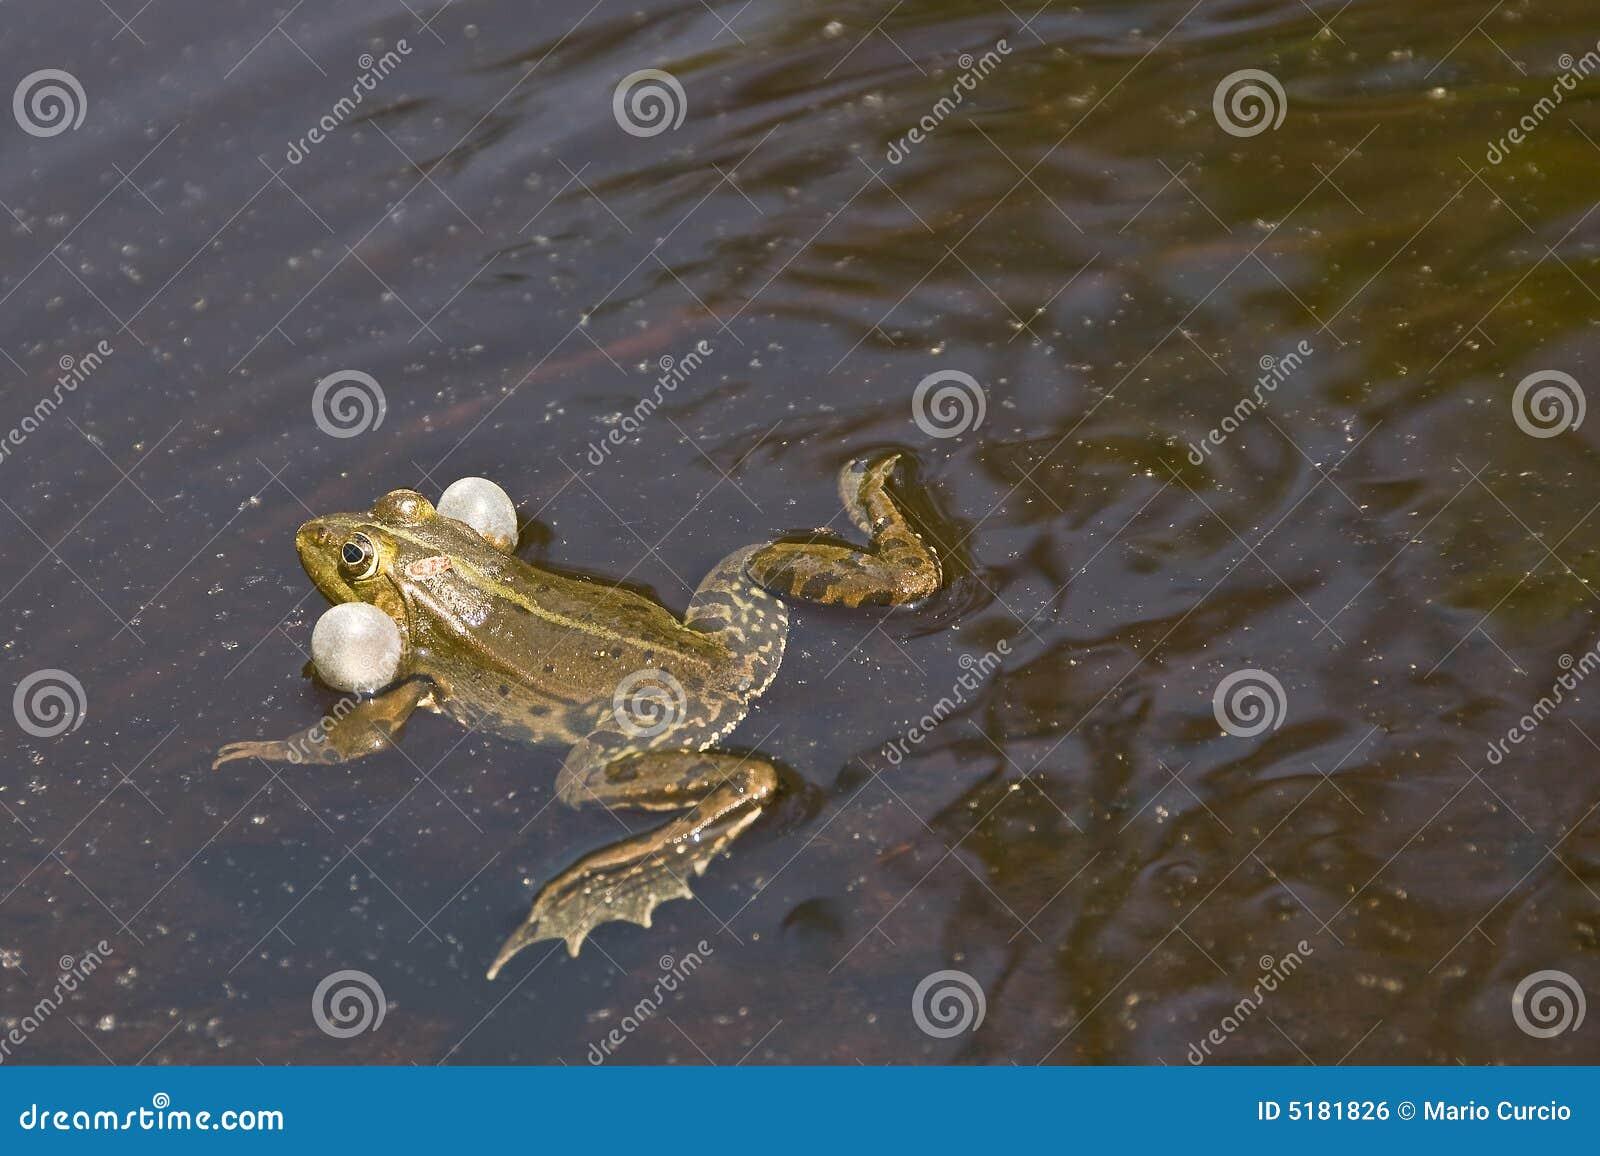 青蛙游泳图片